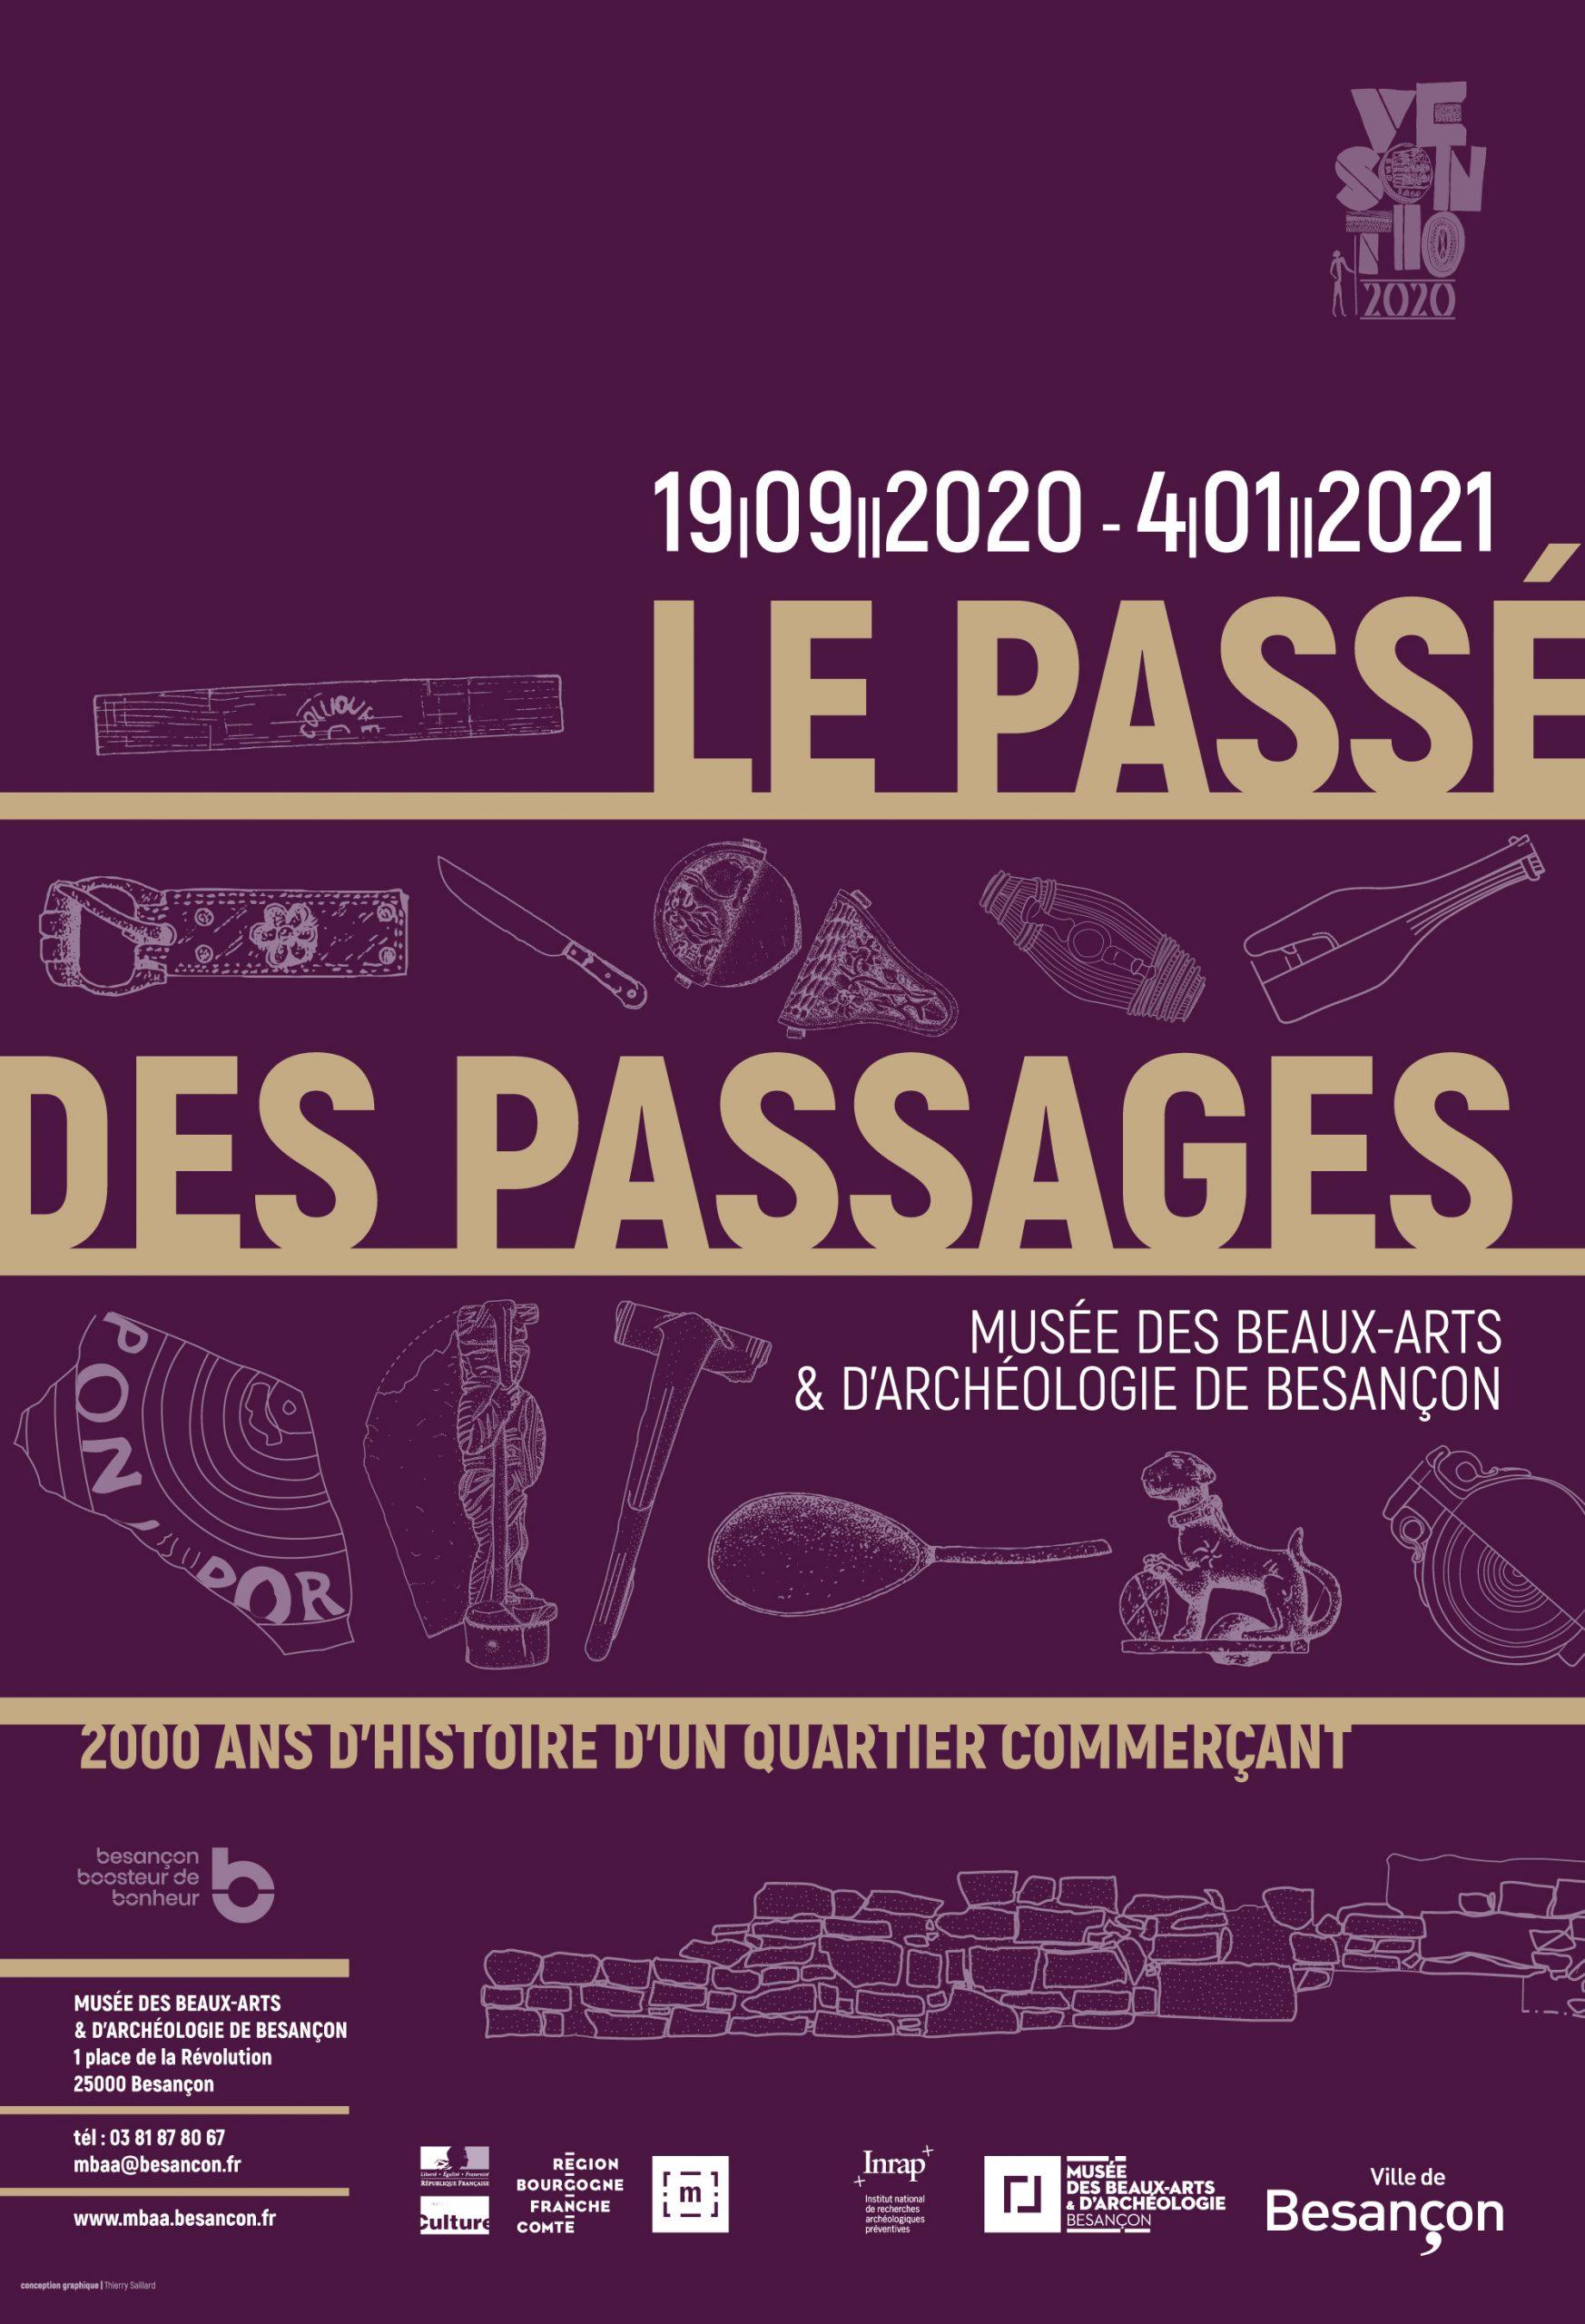 Le Passé des Passages, 2000 ans d'histoire d'un quartier commerçant – Mbaa Besançon